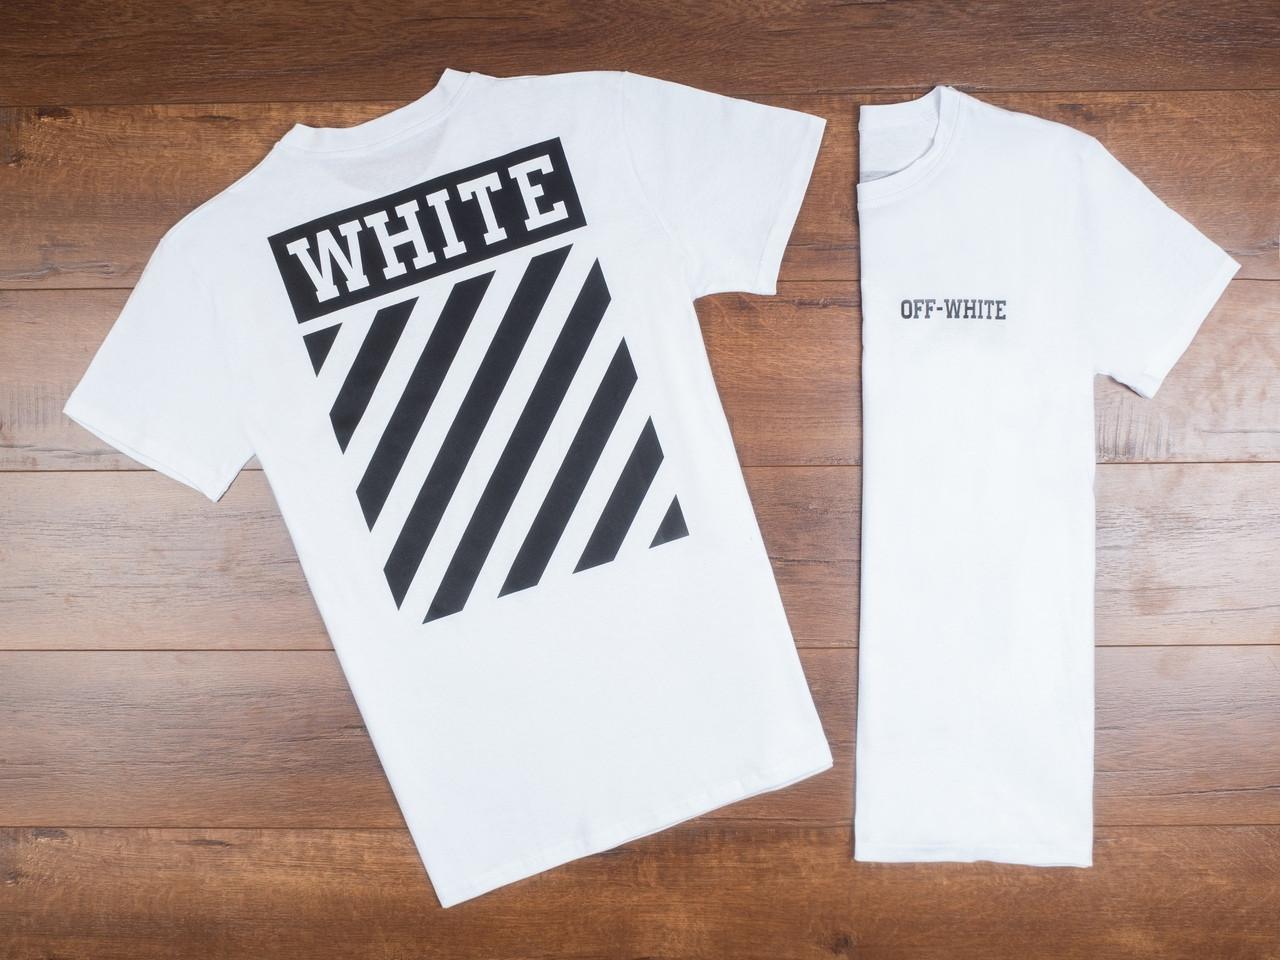 Футболка мужская Off-White на лето легкая из хлопка в белом цвете, ТОП-реплика